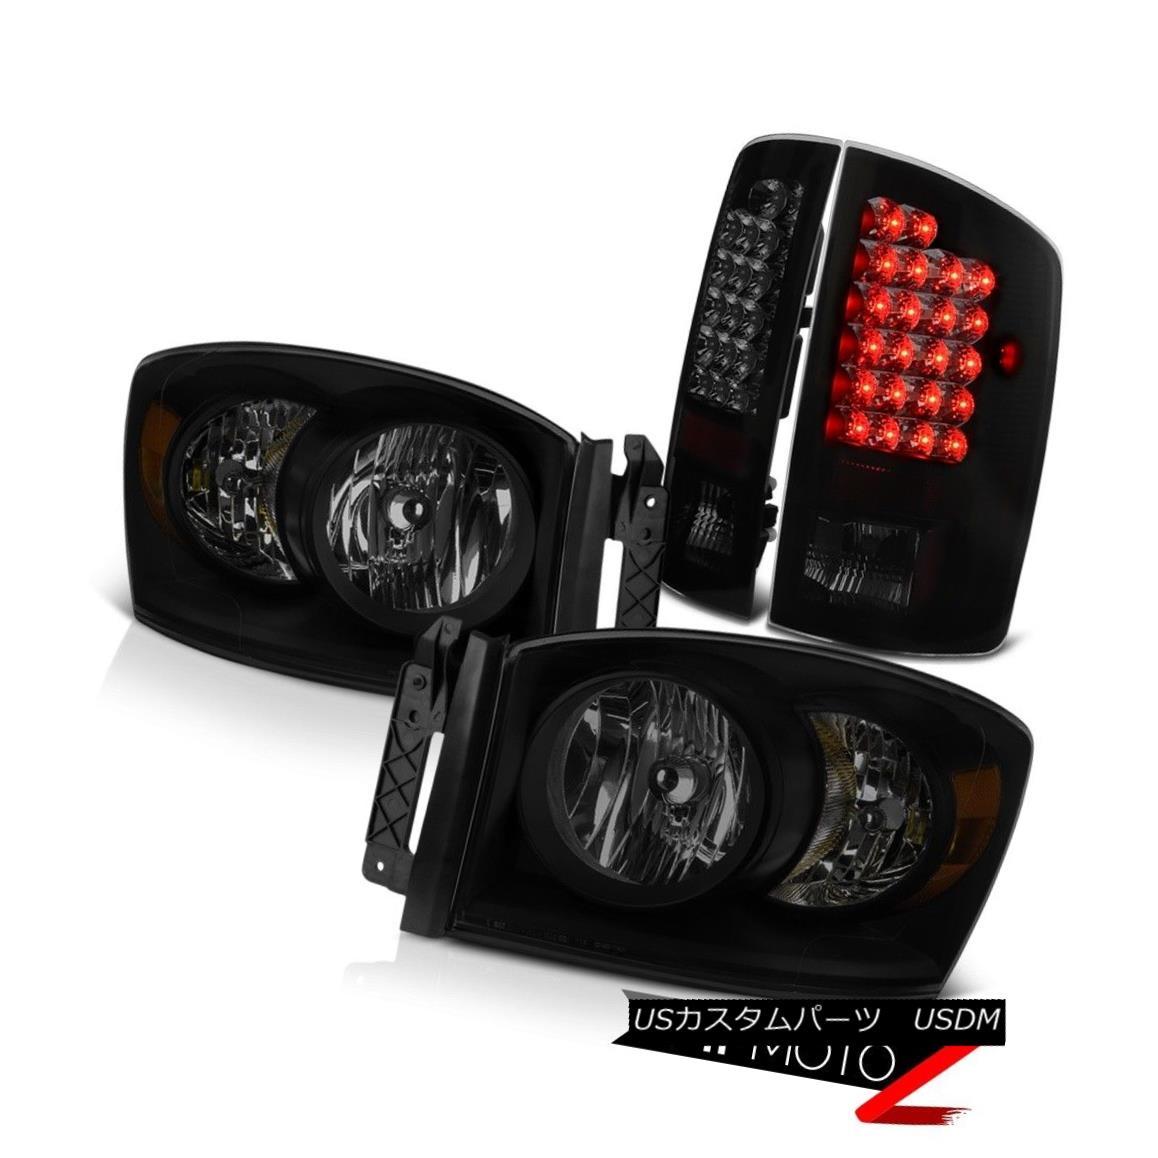 テールライト 07-09 Dodge Ram 2500 3500 4.7L Darkest Smoke Headlamps Parking Brake Lights SMD 07-09ダッジラム2500 3500 4.7L暗い煙ヘッドランプパーキングブレーキライトSMD